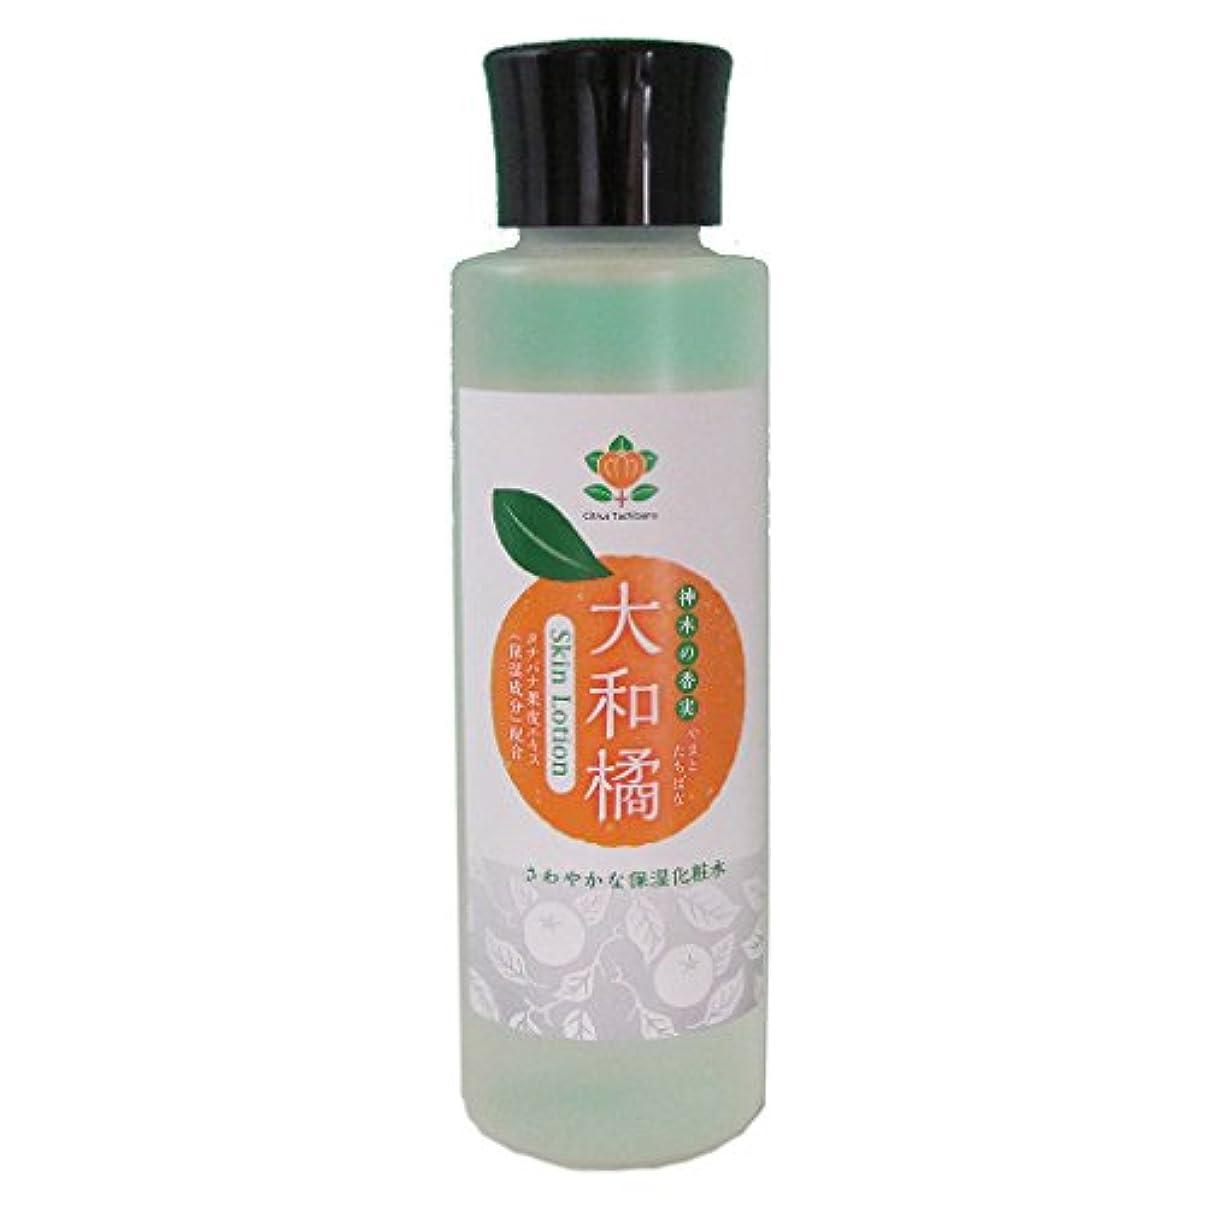 商業の周術期ダルセット神木の果実 大和橘さわやか保湿化粧水 150ml